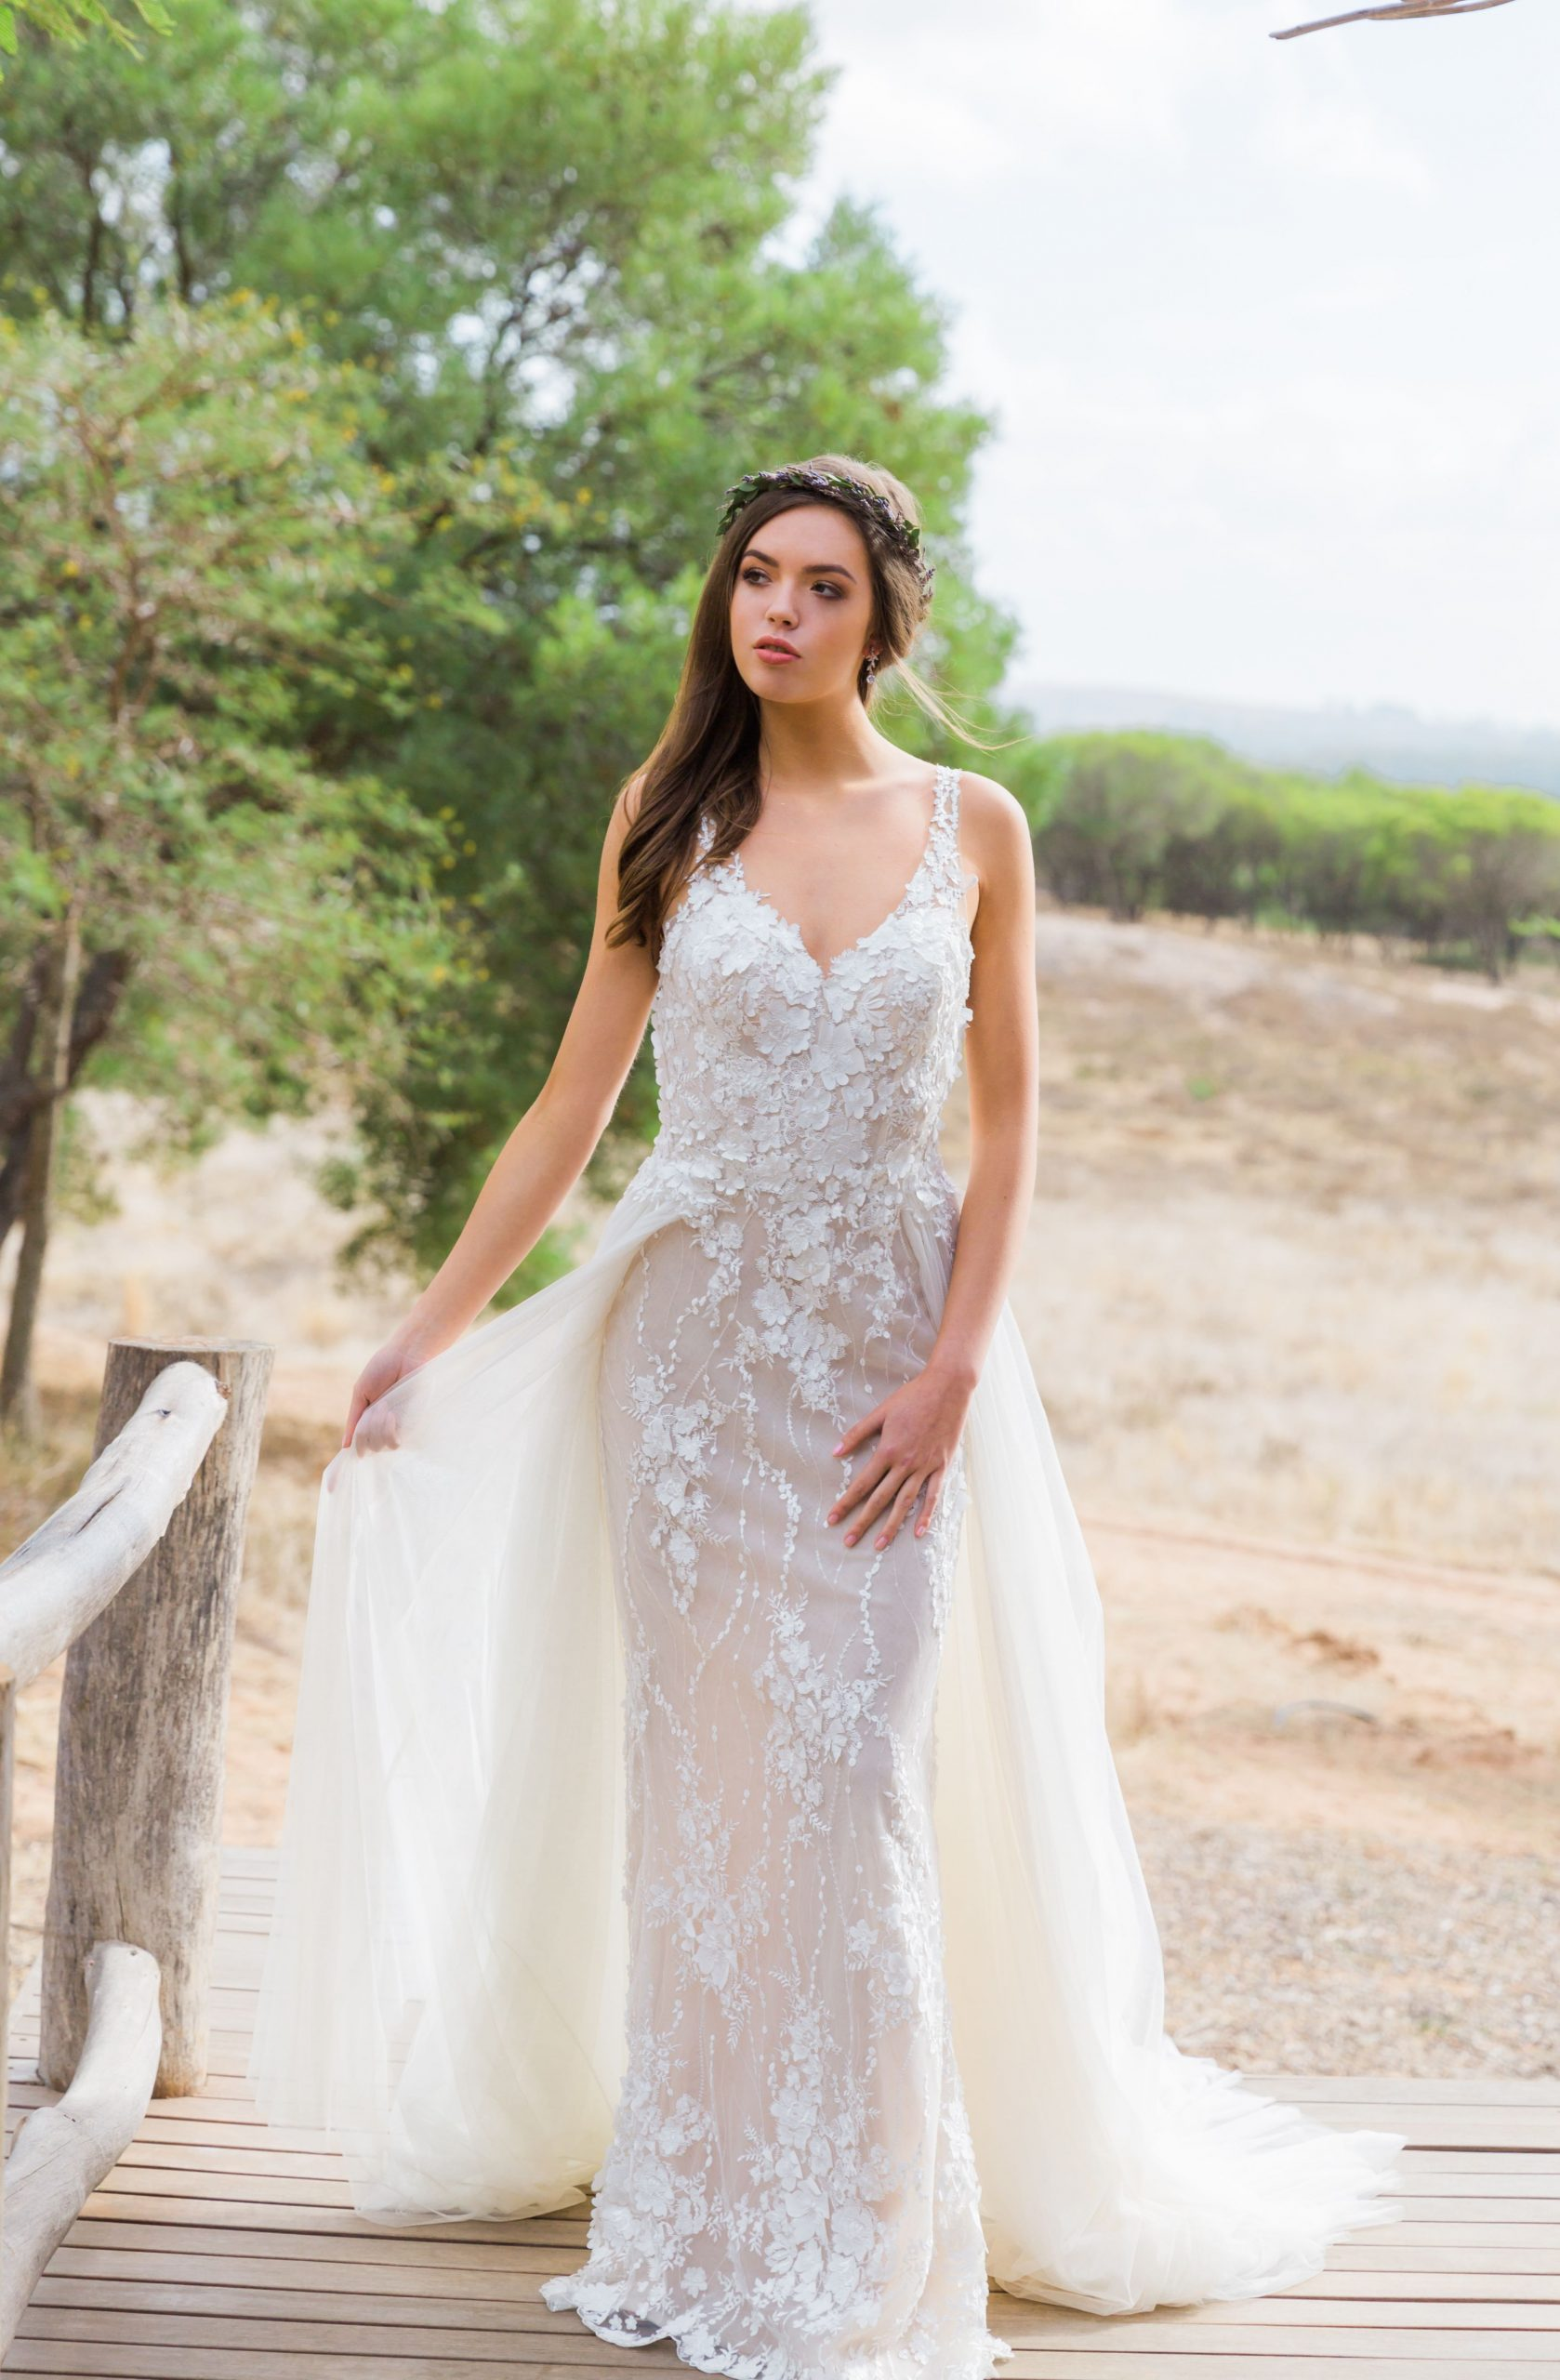 Dieses Wunderschöne Brautkleid Ist Von Kachar Ladosa Und Ist